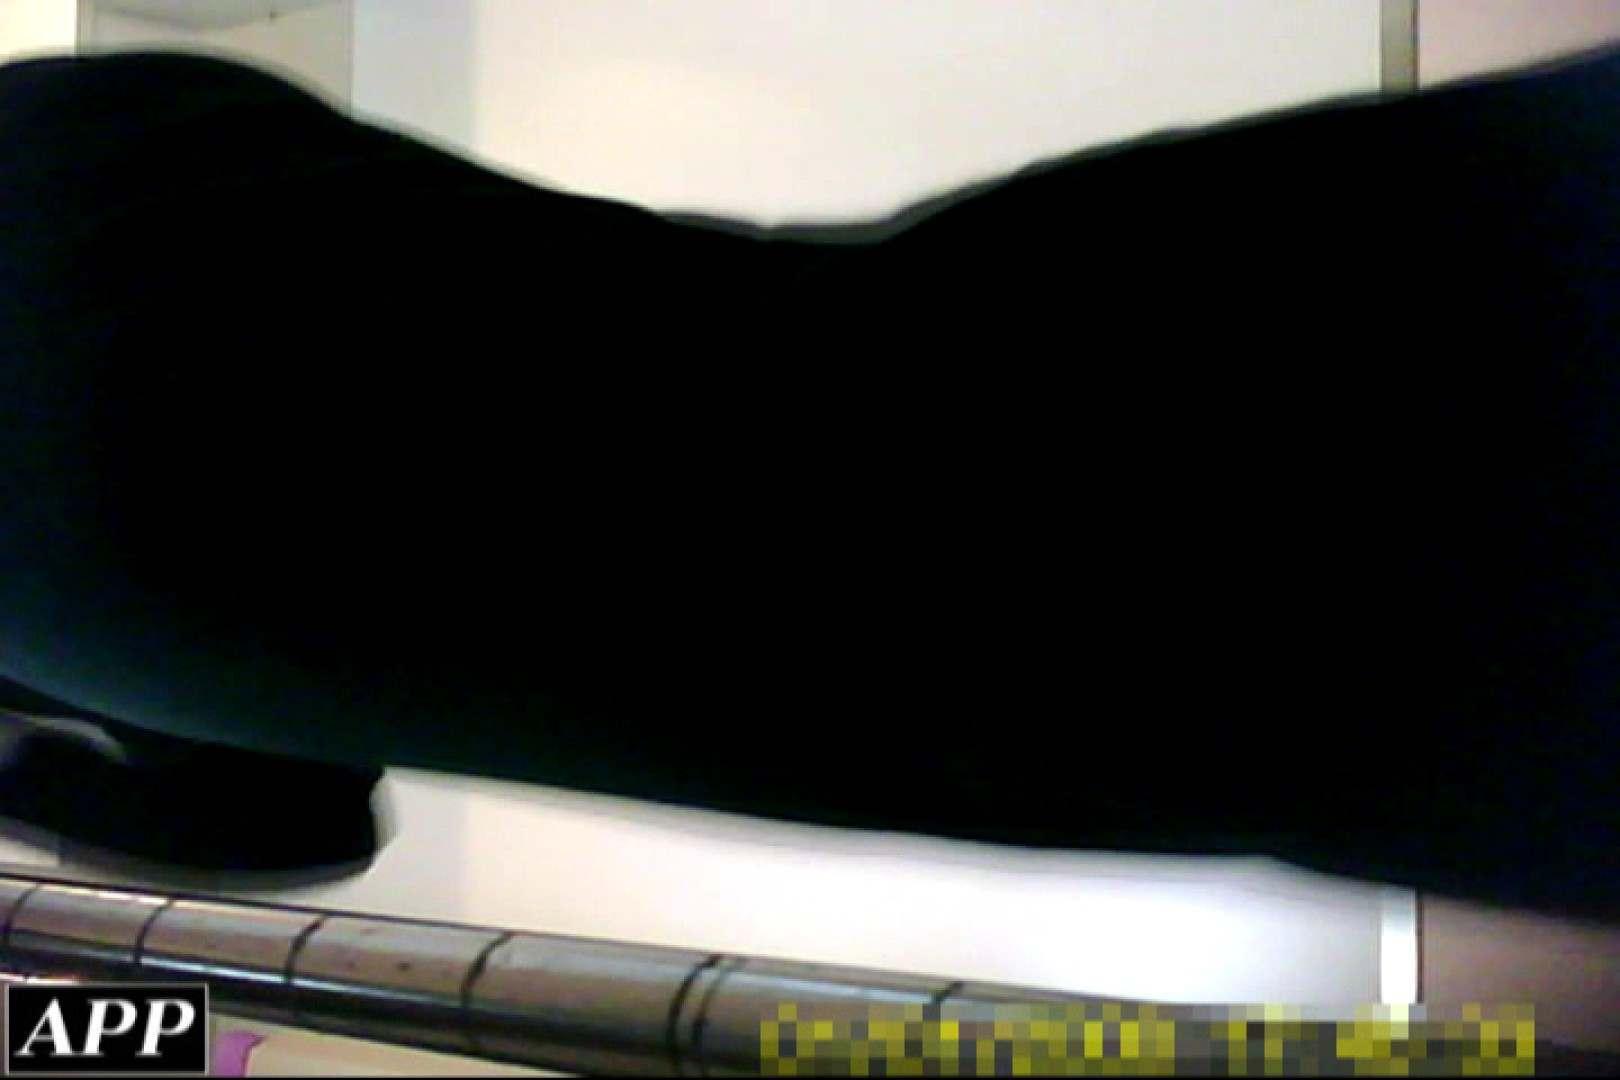 3視点洗面所 vol.084 洗面所 | OLエロ画像  110PICs 71